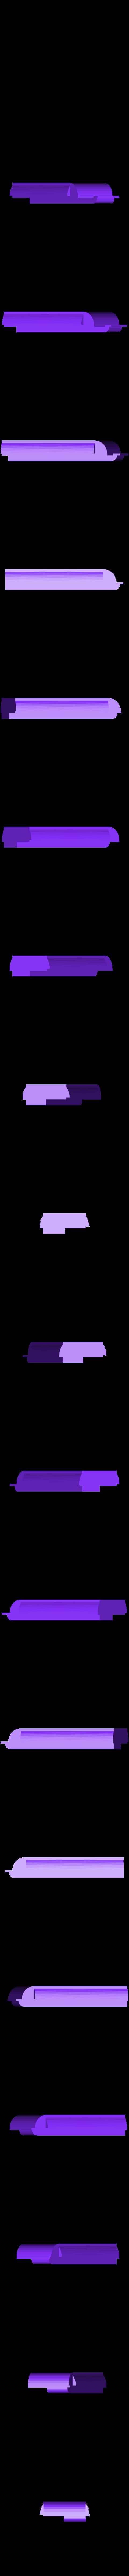 120_North_LaSalle.stl Télécharger fichier STL gratuit Mise à jour de Chicago • Plan pour impression 3D, Urukgar4D